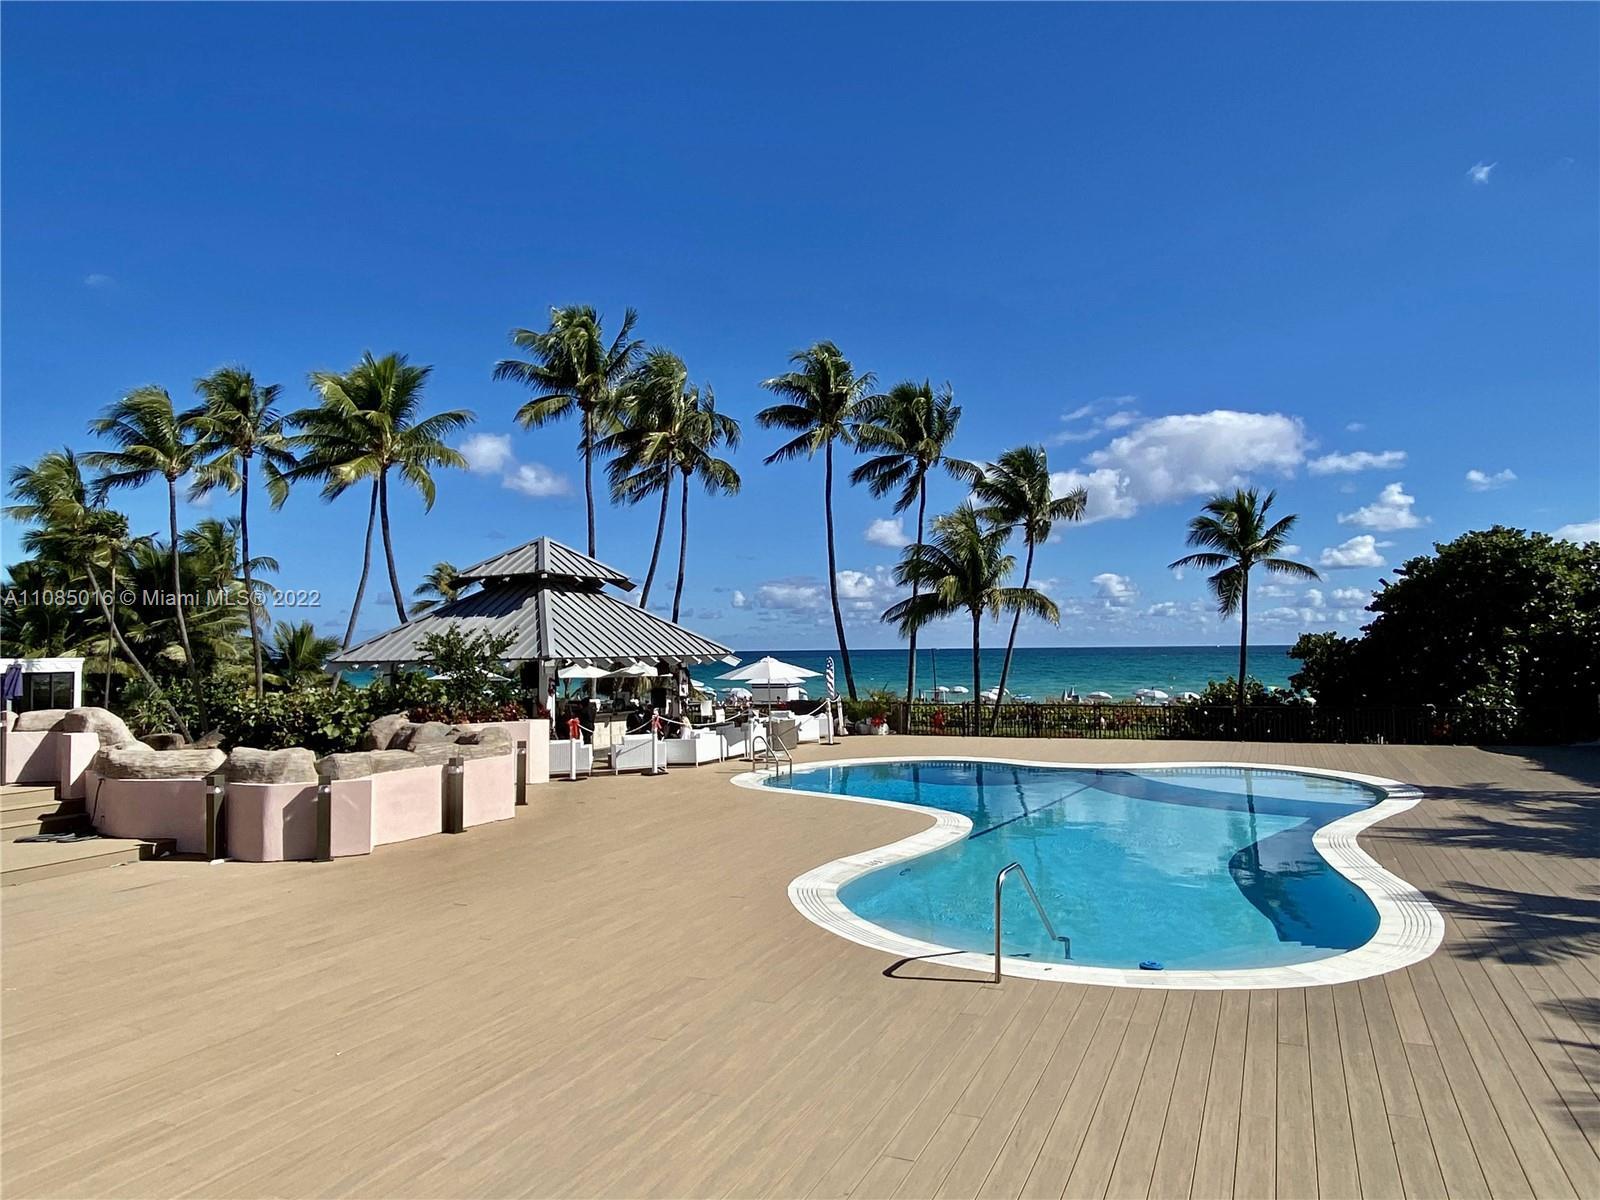 5225 Collins Ave Unit 411, Miami Beach, Florida 33140